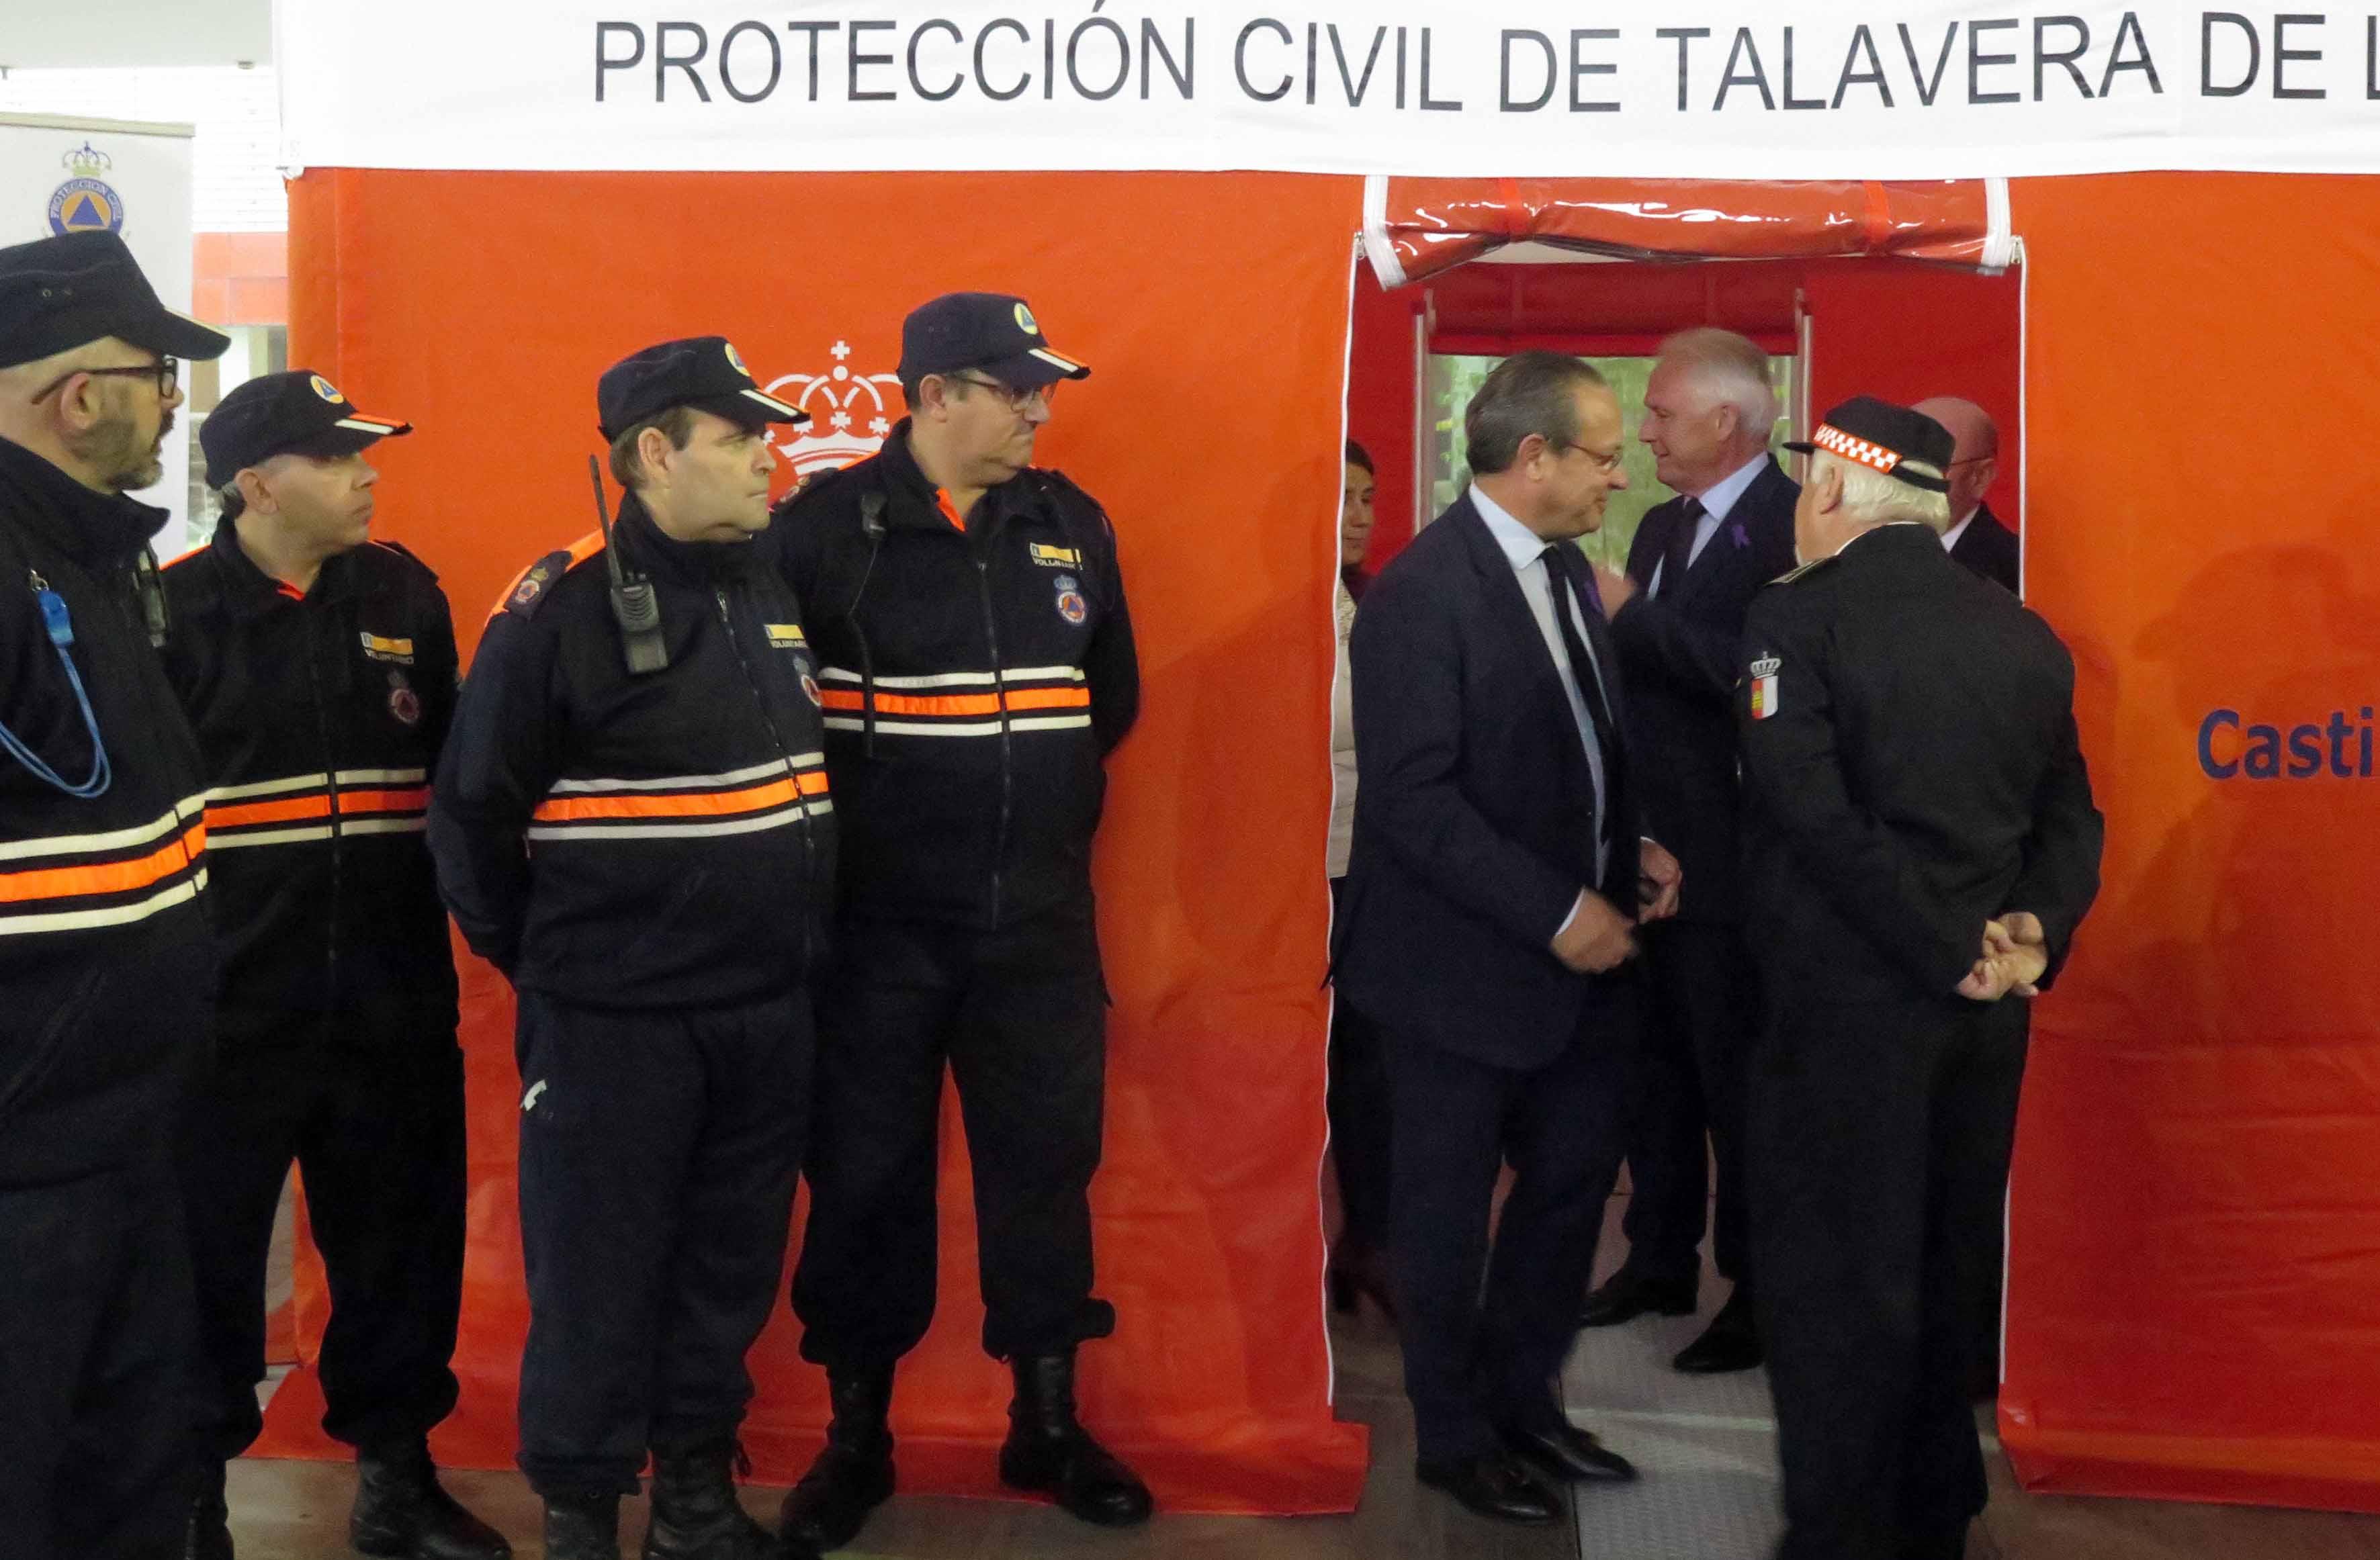 Juan Alfonso Ruiz Molina, junto con miembros de Protección Civil de Talavera.